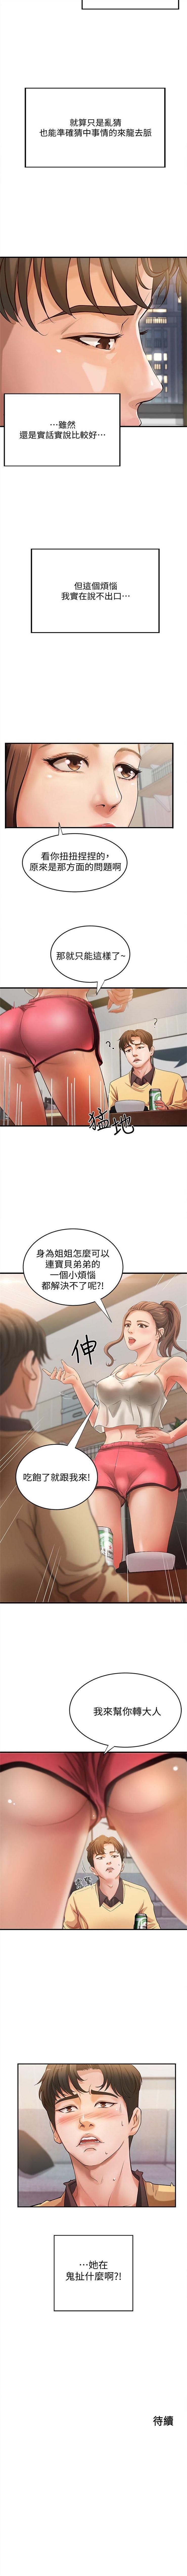 御姐的實戰教學 1-24 官方中文(連載中) 9